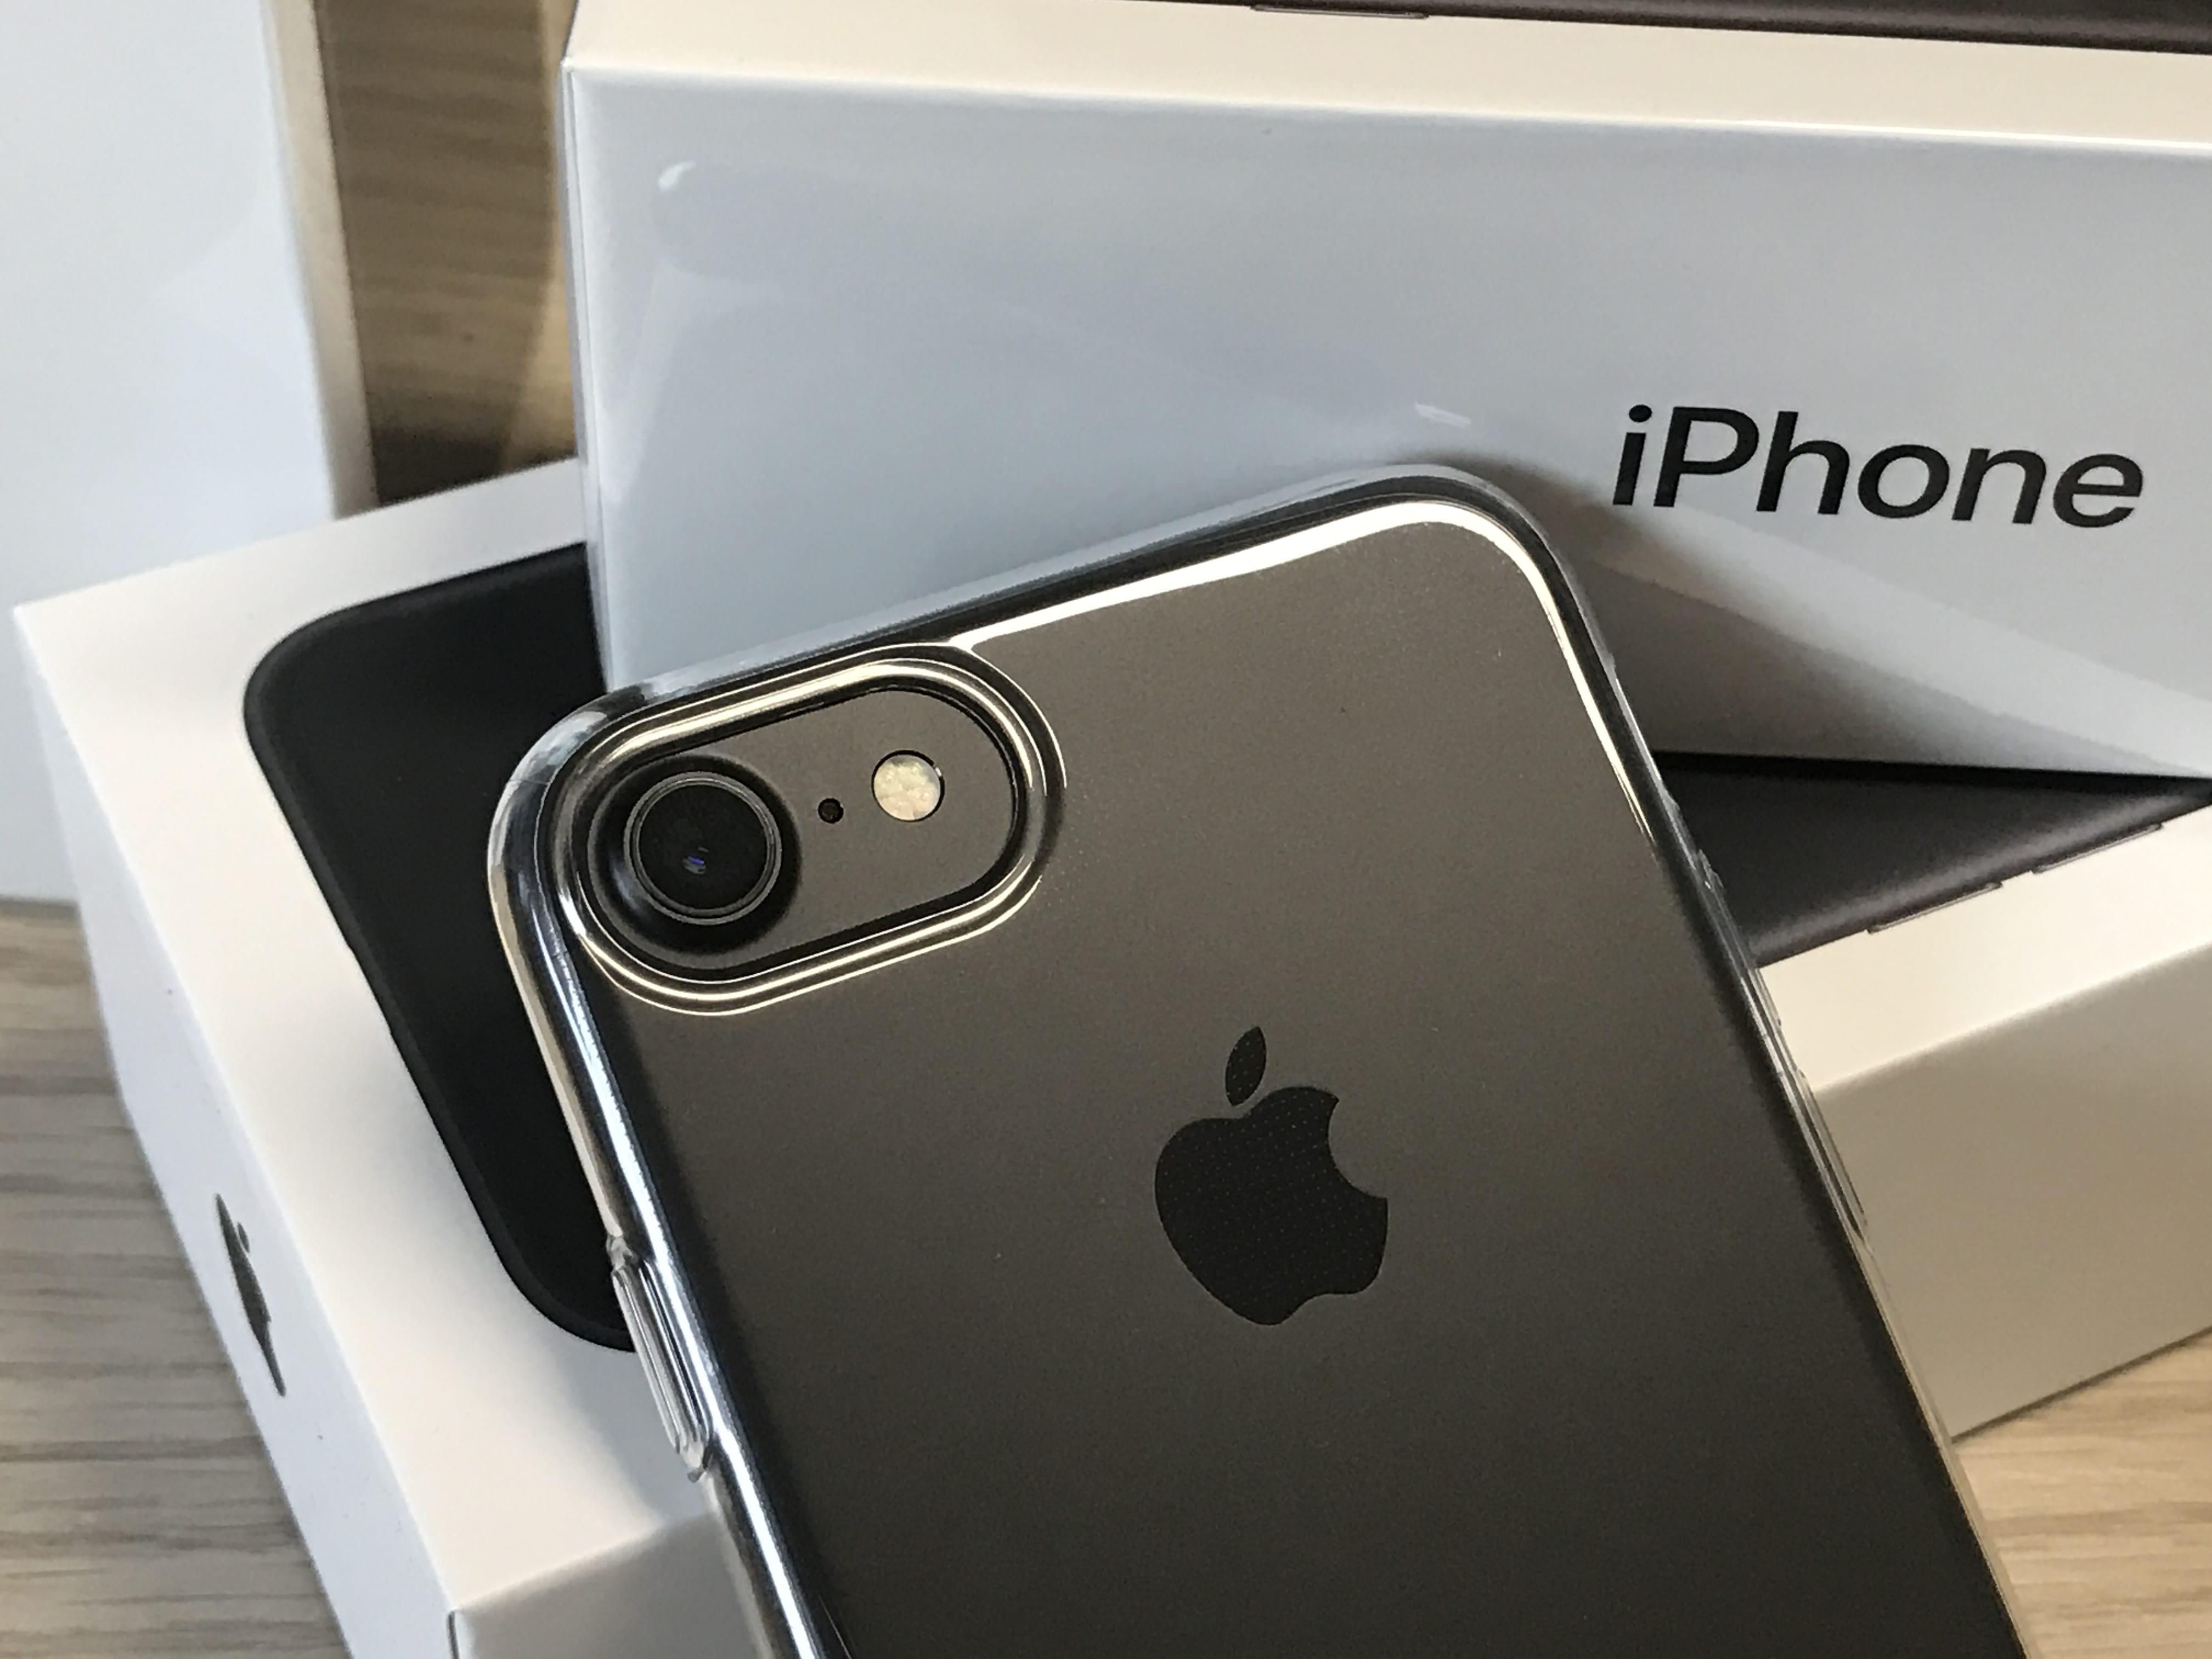 Proteggi il tuo iPhone 7: Acquista una Cover ZeroFlex ed ottieni in ...